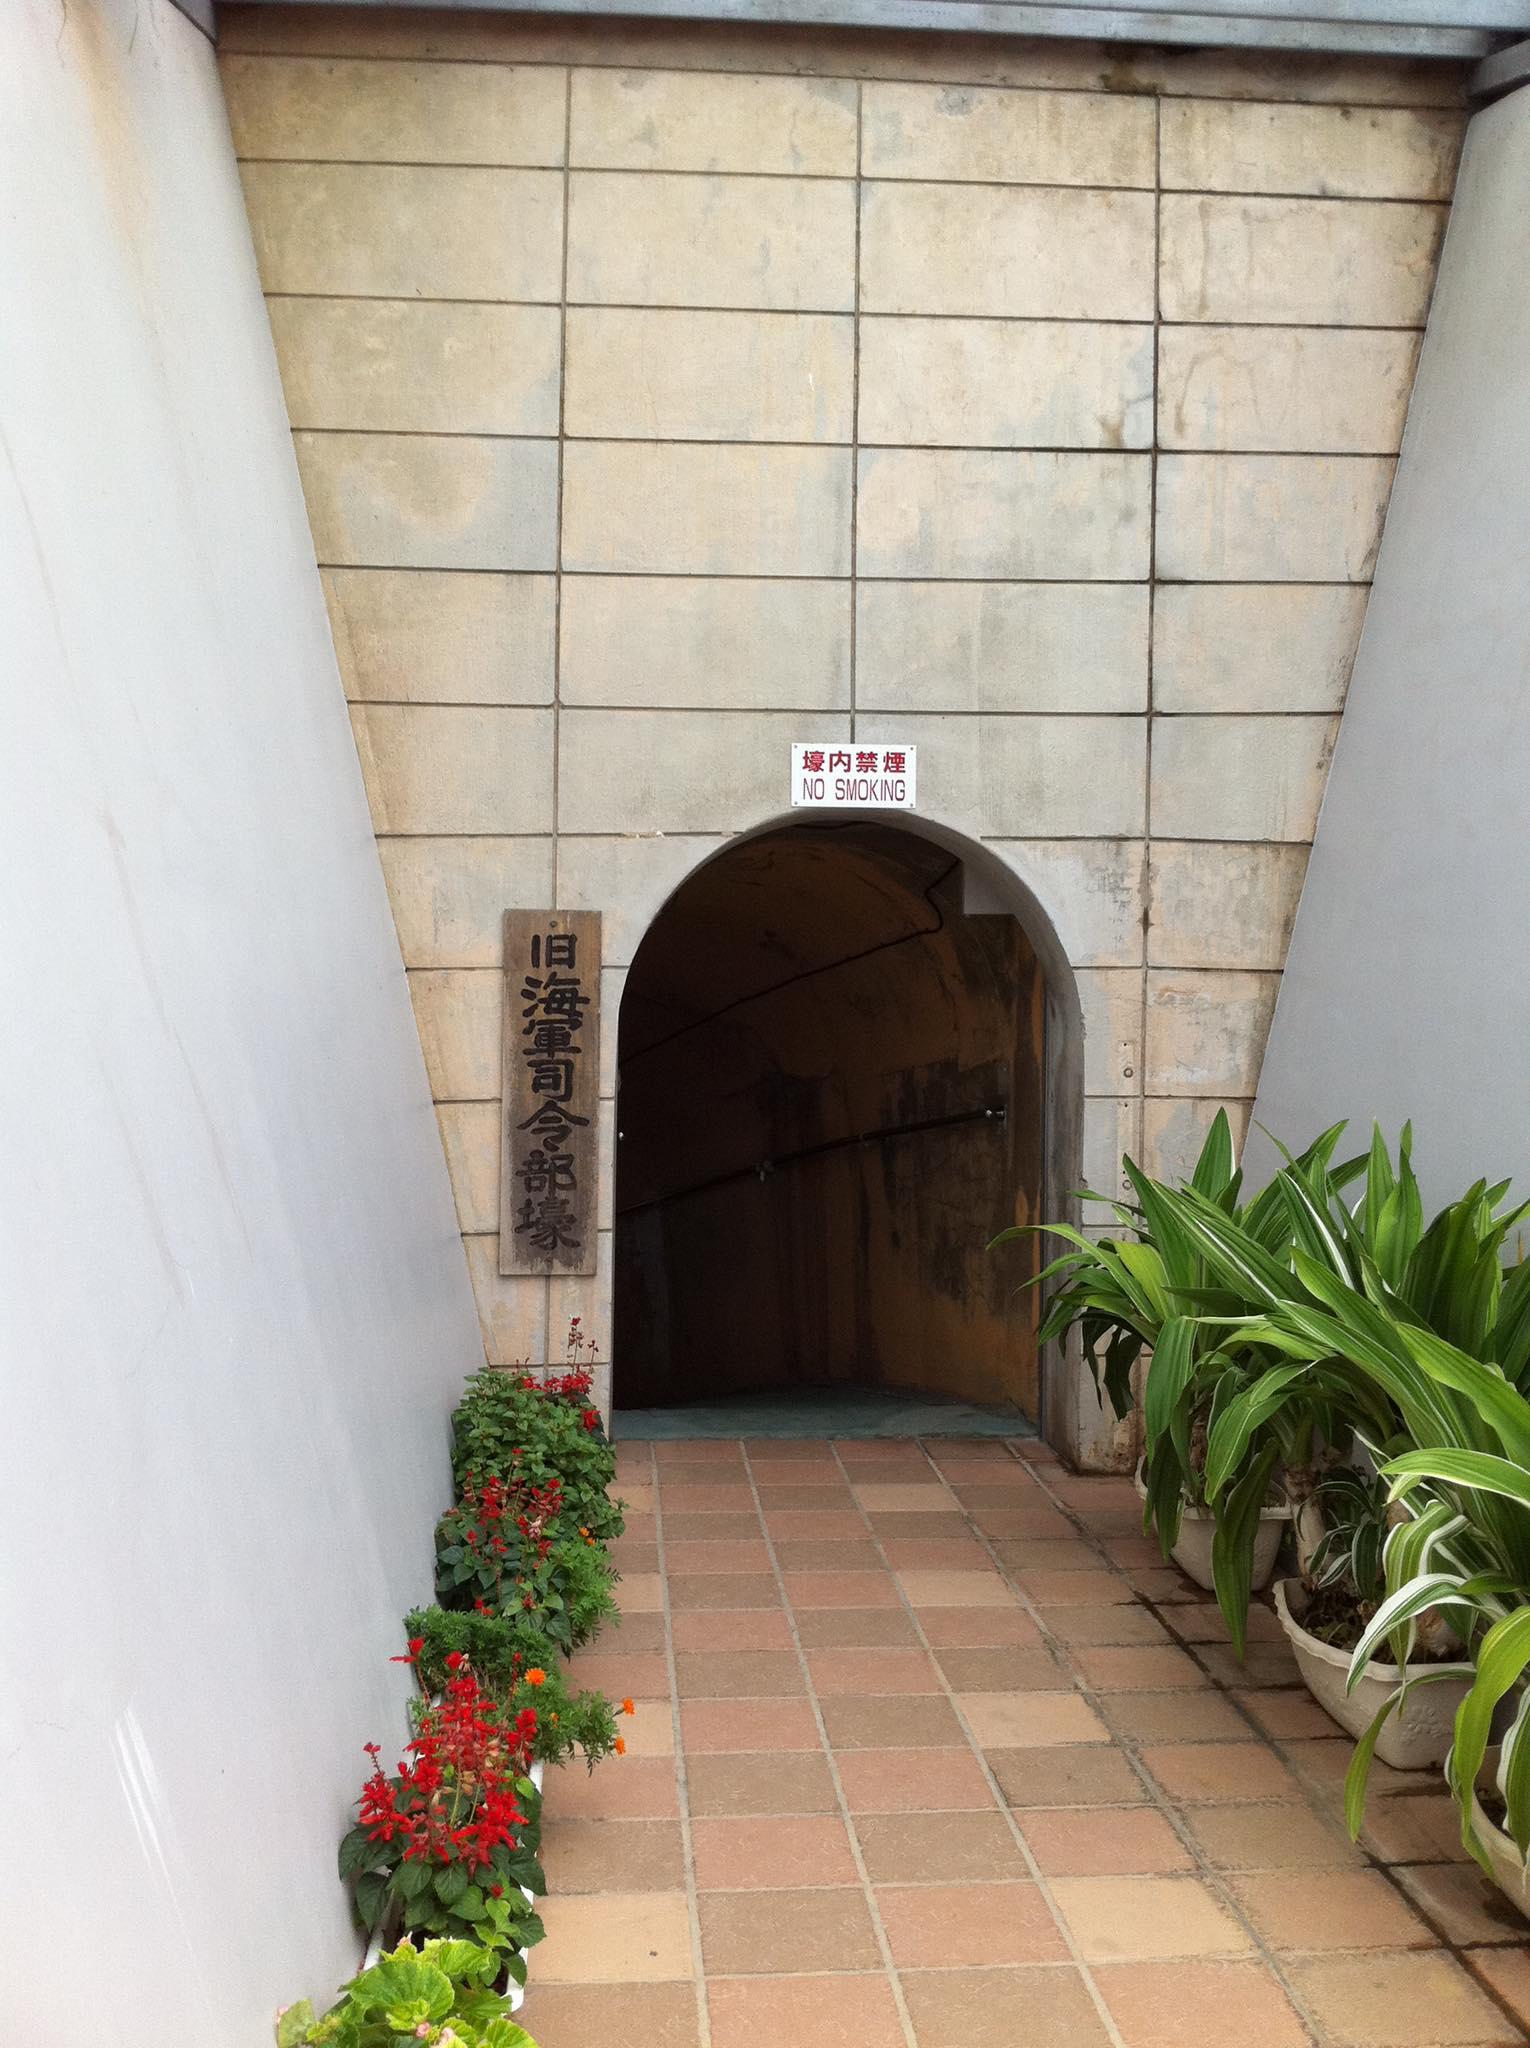 那覇空港でおすすめの暇つぶしスポット15選!こんな時に便利なスポットを詳しくご紹介